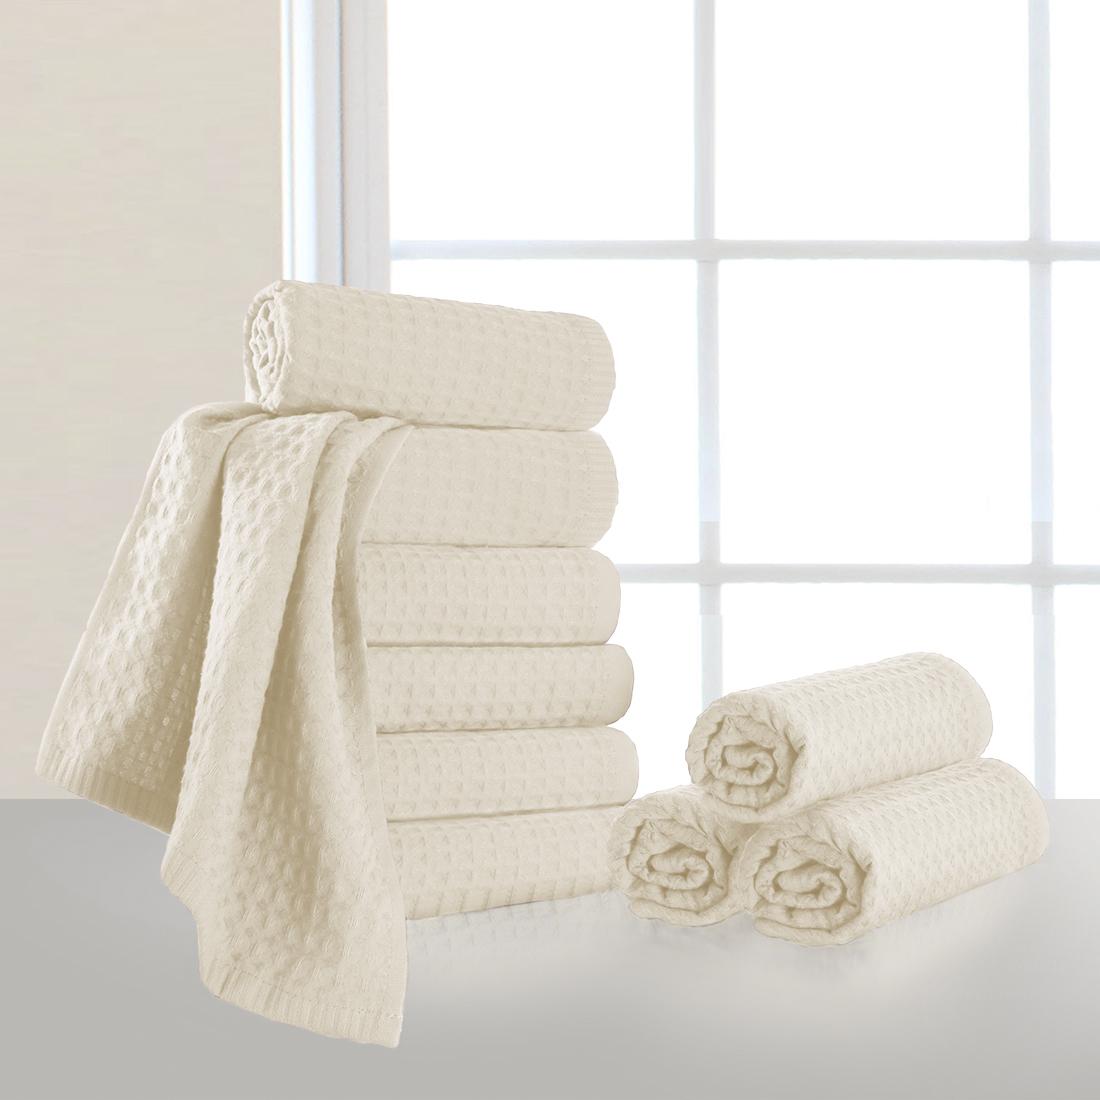 Купить Полотенца Dome, Полотенце для рук Ribbed Цвет: Молочный (40х70 см - 10 шт), Дания, Пике